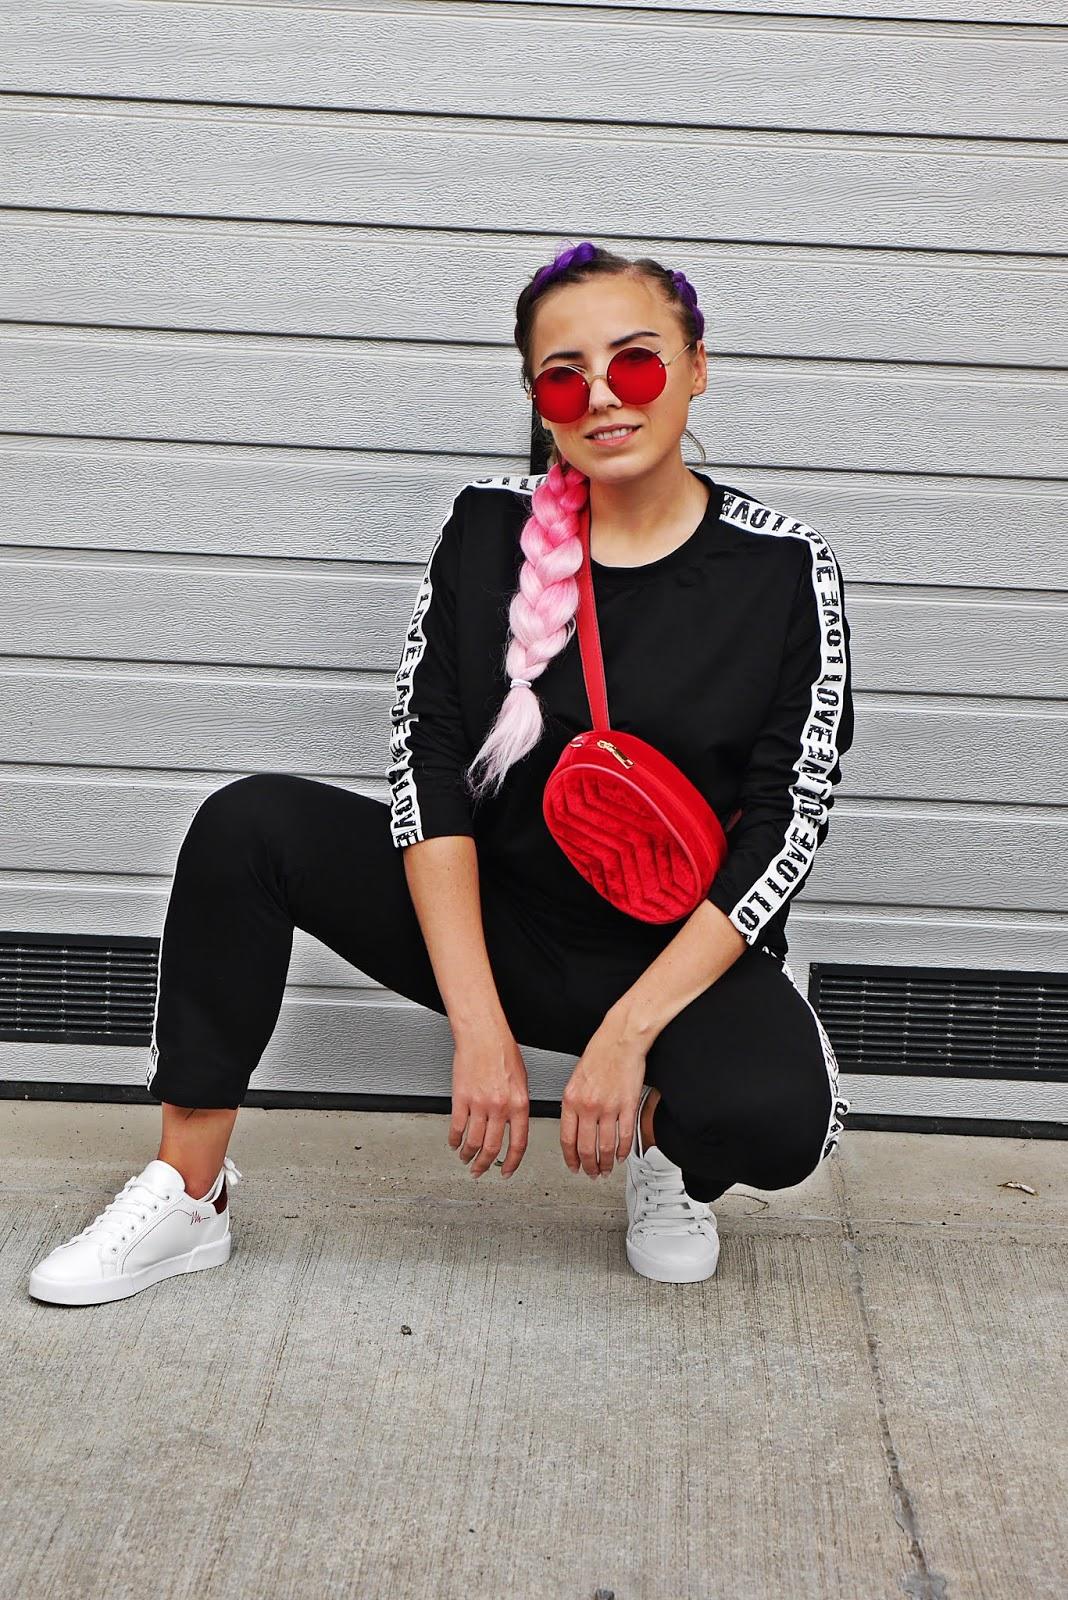 komplet dresowy renee białe buty sportowe czerwone okulary karyn blog modowy